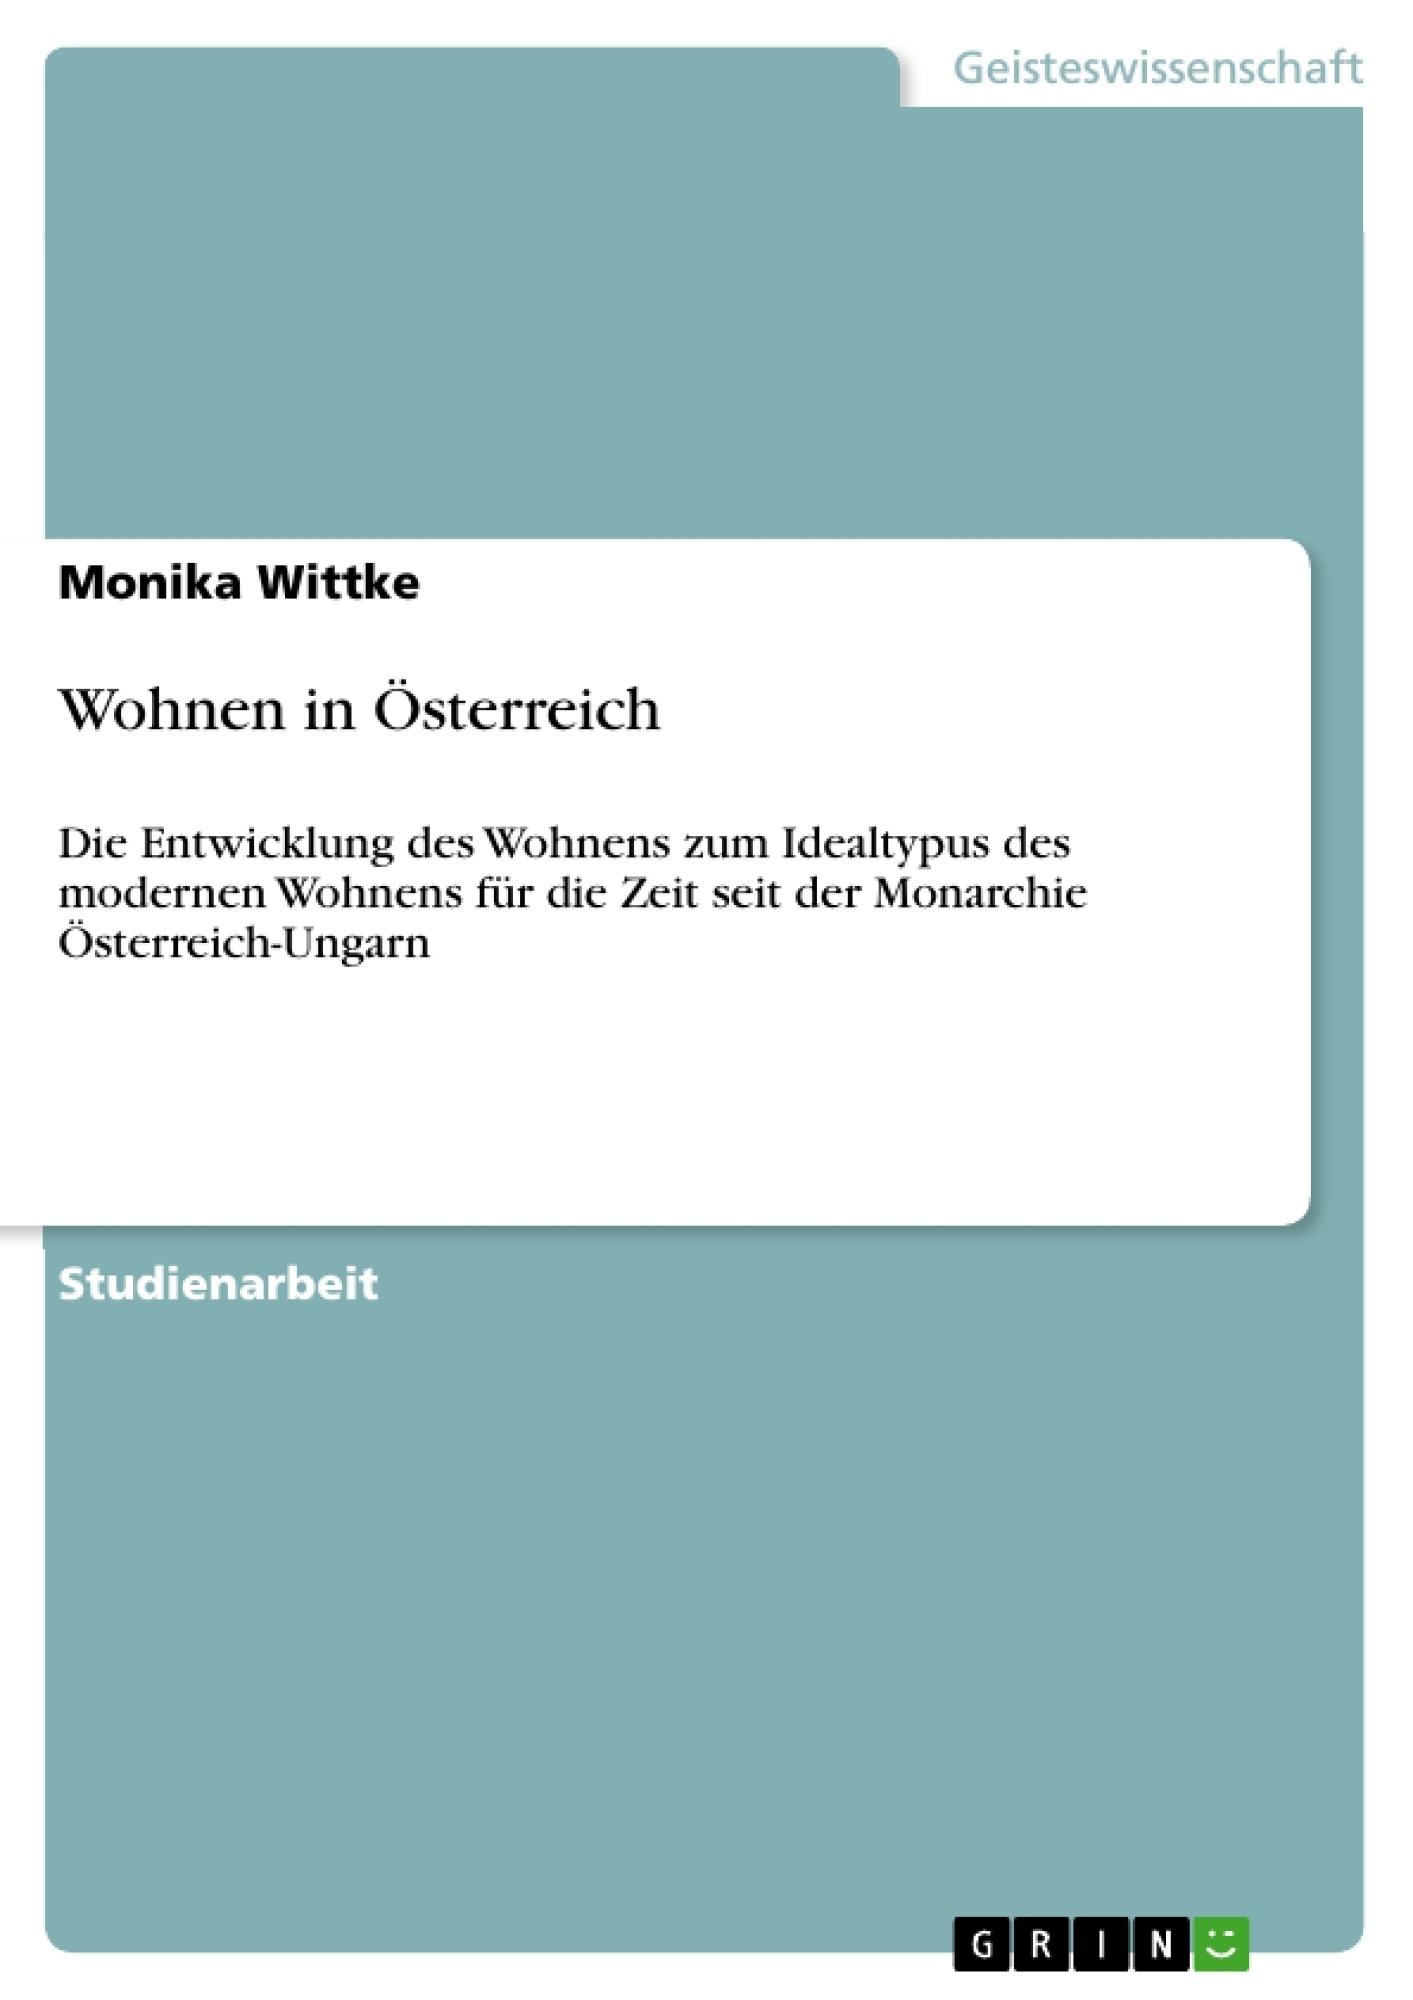 Titel: Wohnen in Österreich